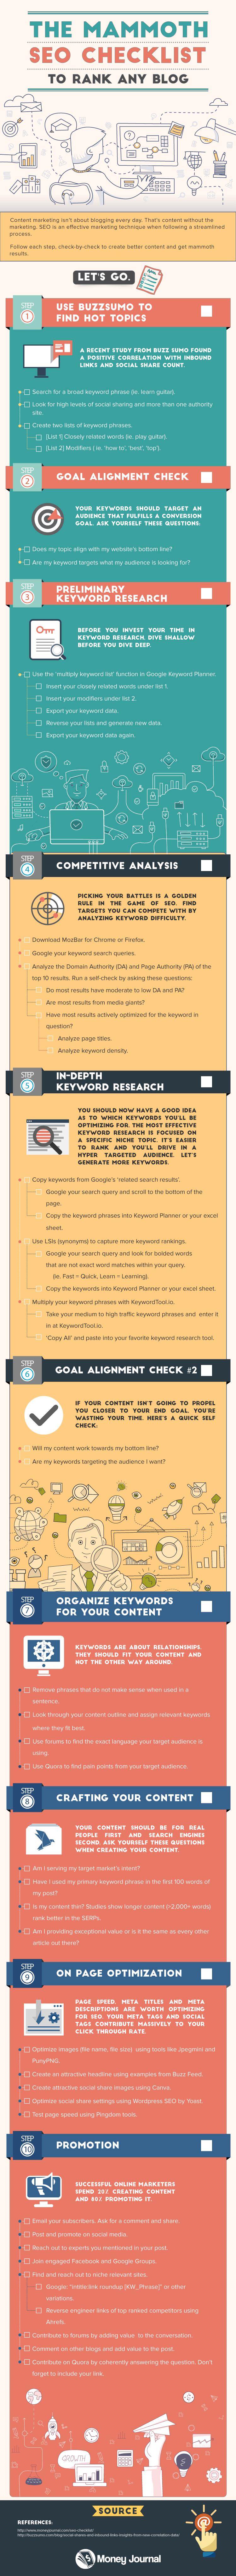 Local SEO Checklist Infographic